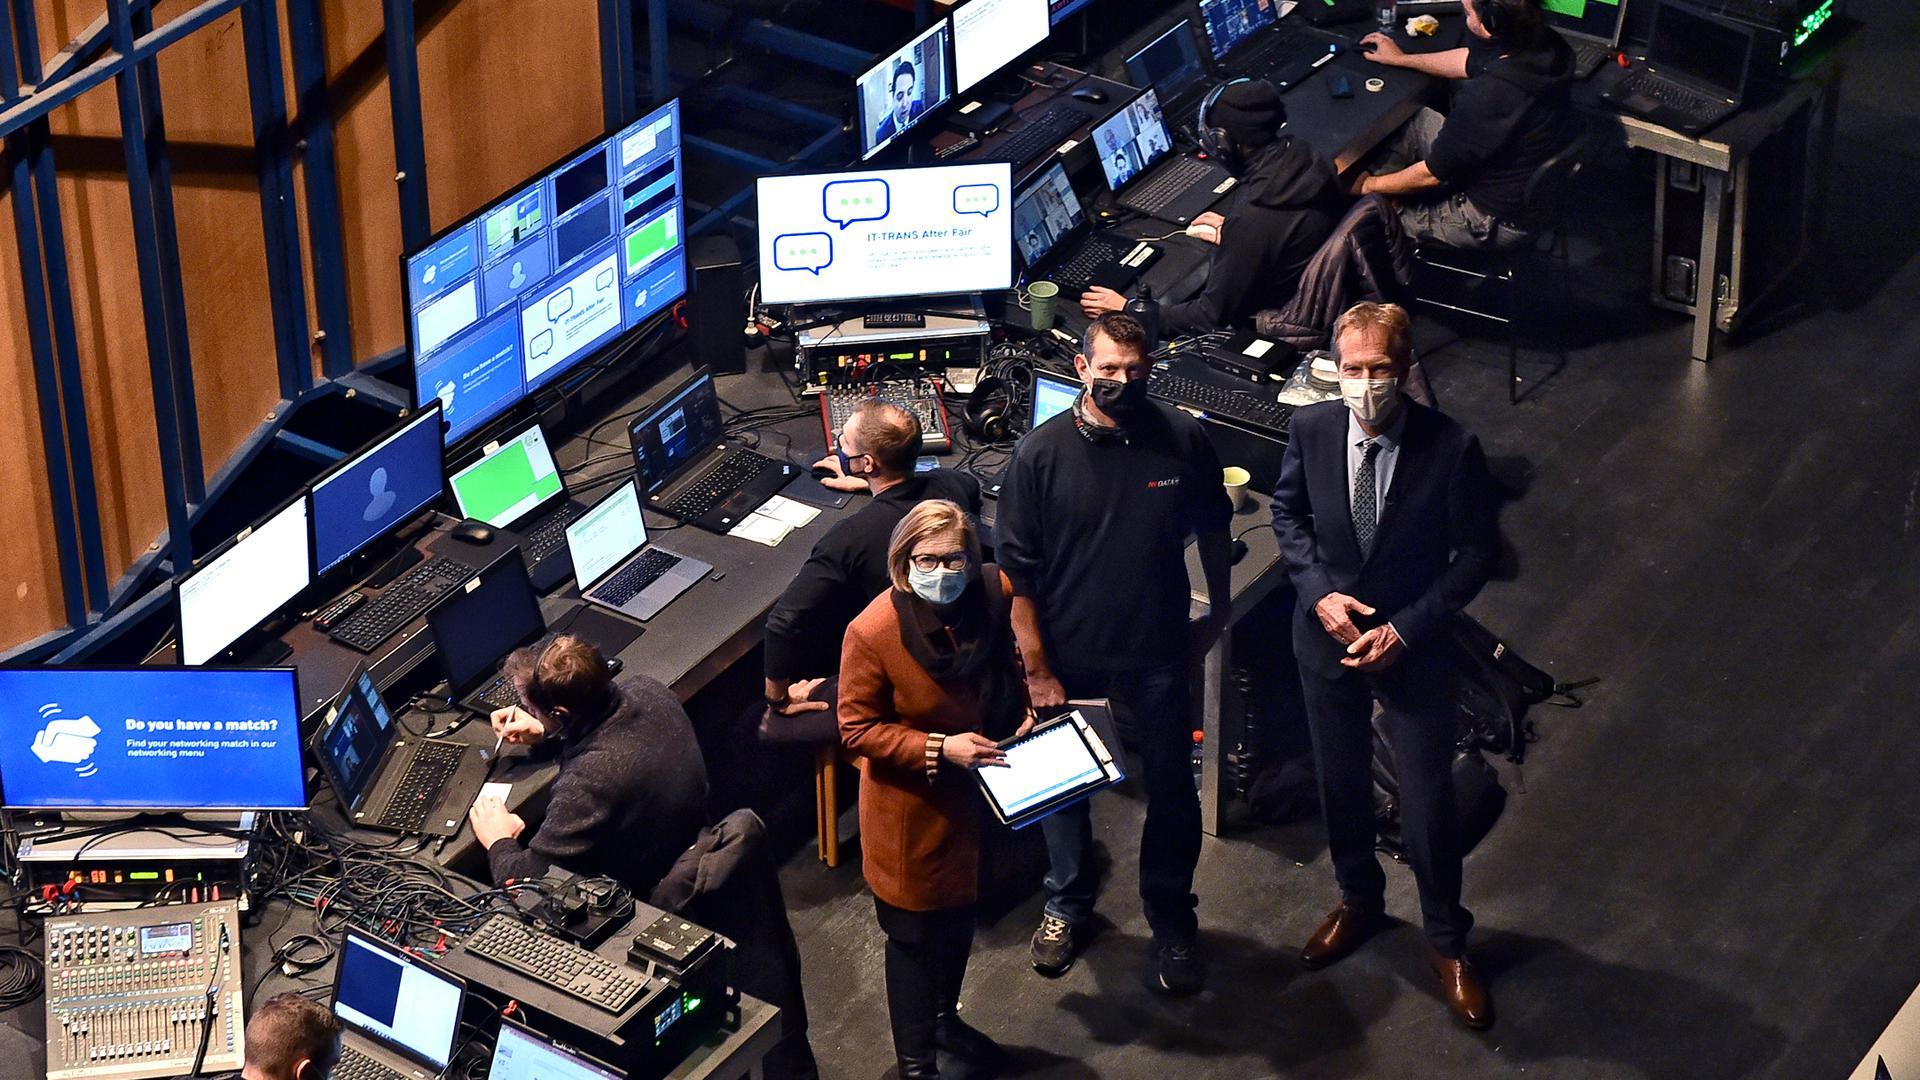 Hinter der Bühne ist die Technikzentrale der Fachmesse IT-Trans. Mit auf dem Bild (von links): Messe-Chefin Britta Wirtz, Jens Schürer von der Firma AVData und Moderator Markus Brock.